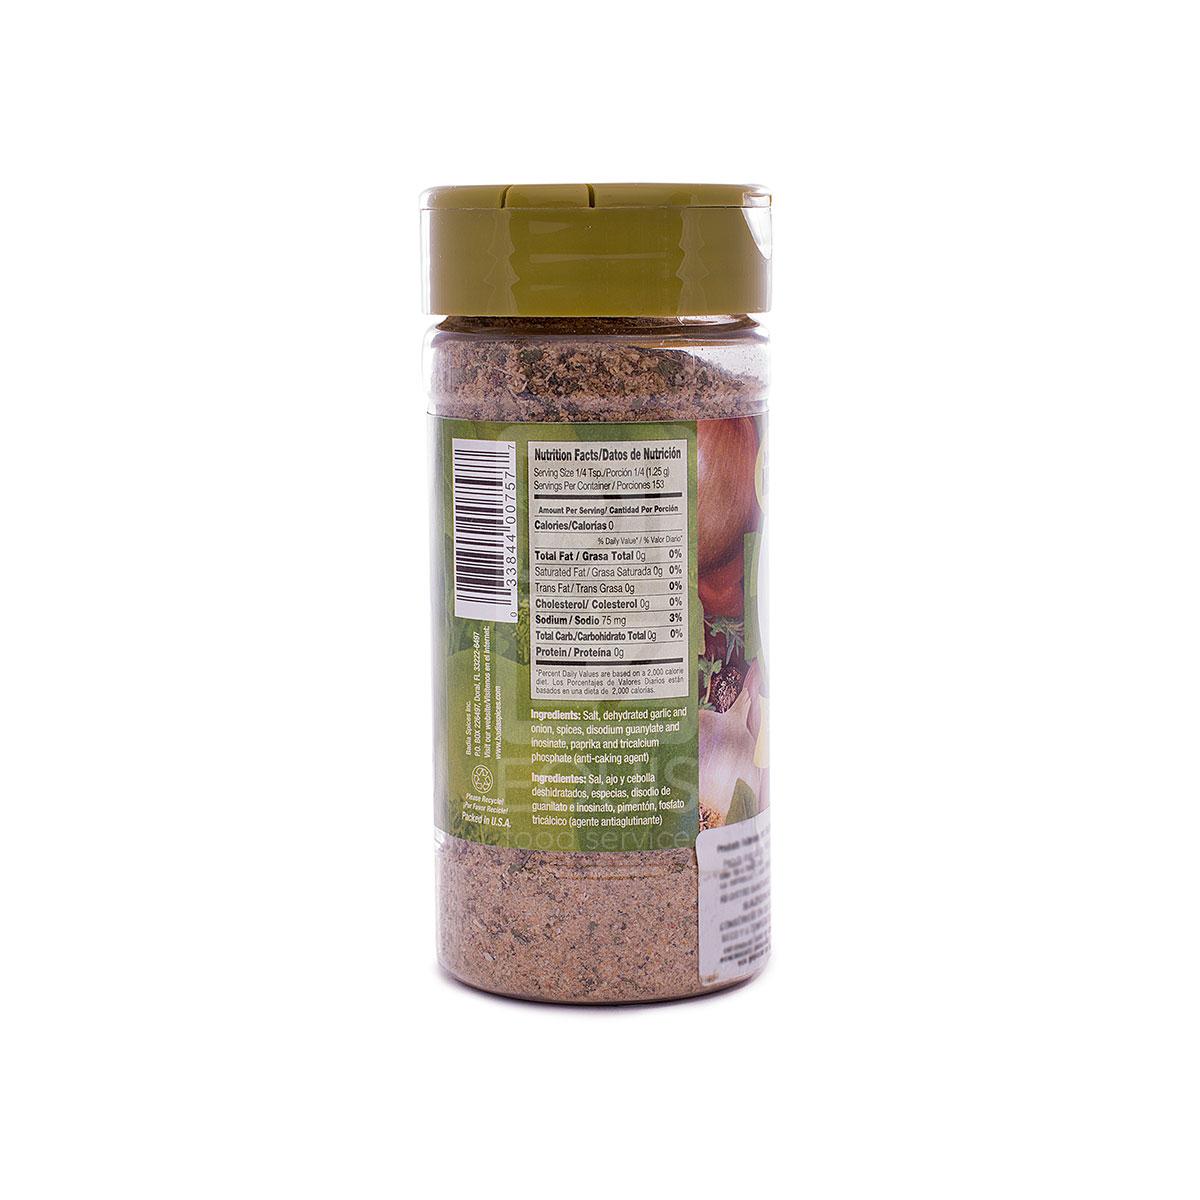 Sazón Tropical Badia x 191,44 Gr Tarrito Plástico